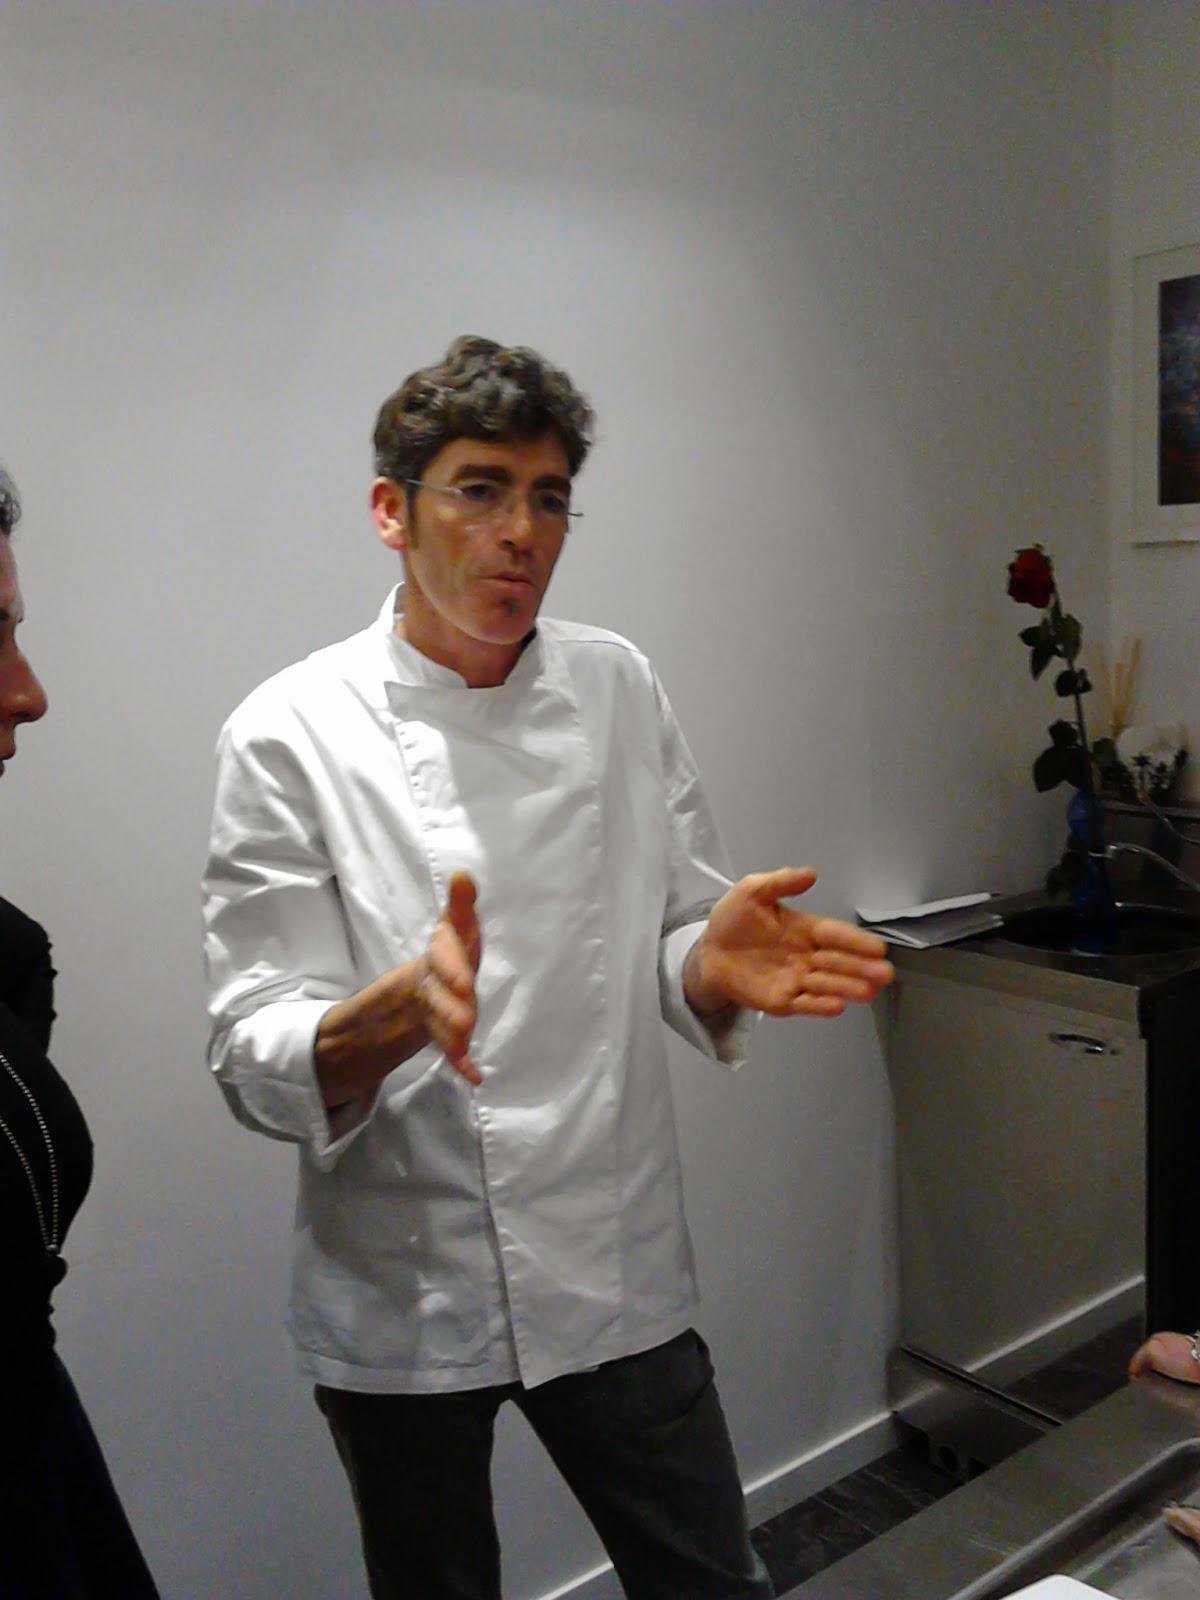 Chef Mario Ottaviano per Panini di Mare all'inaugurazione